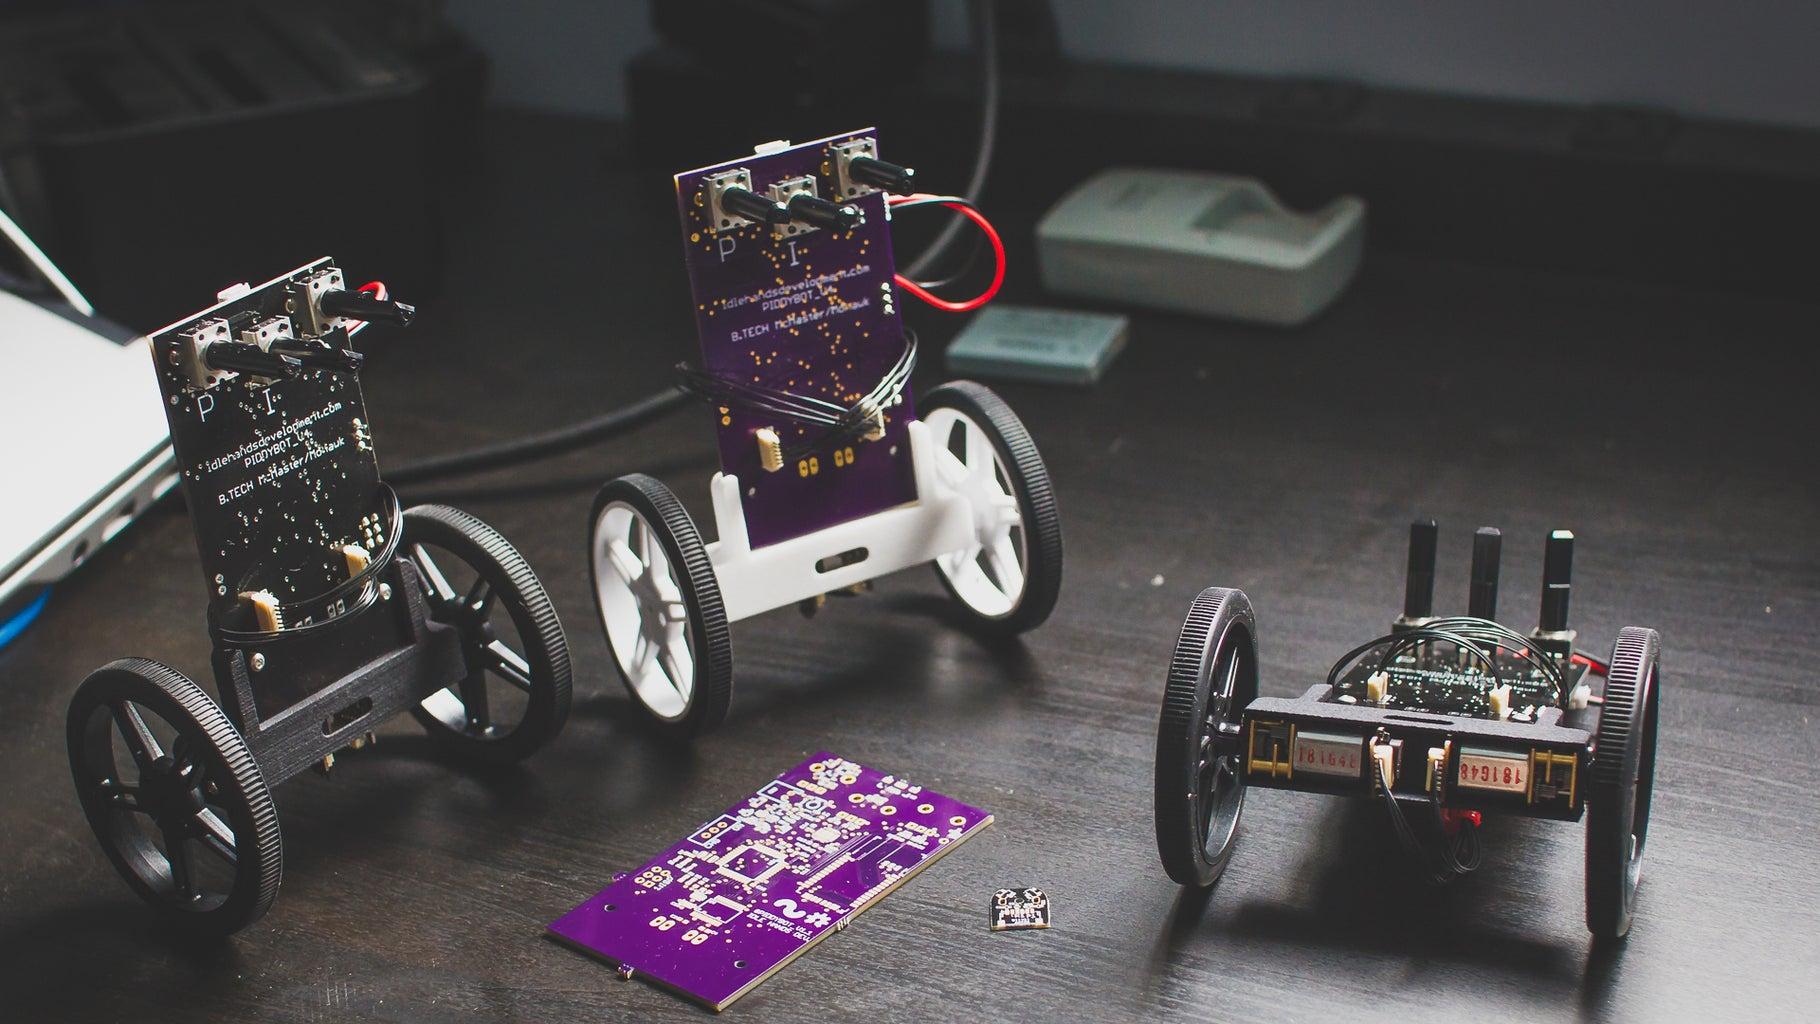 PIDDYBOT - DIY Arduino Balancing Robot